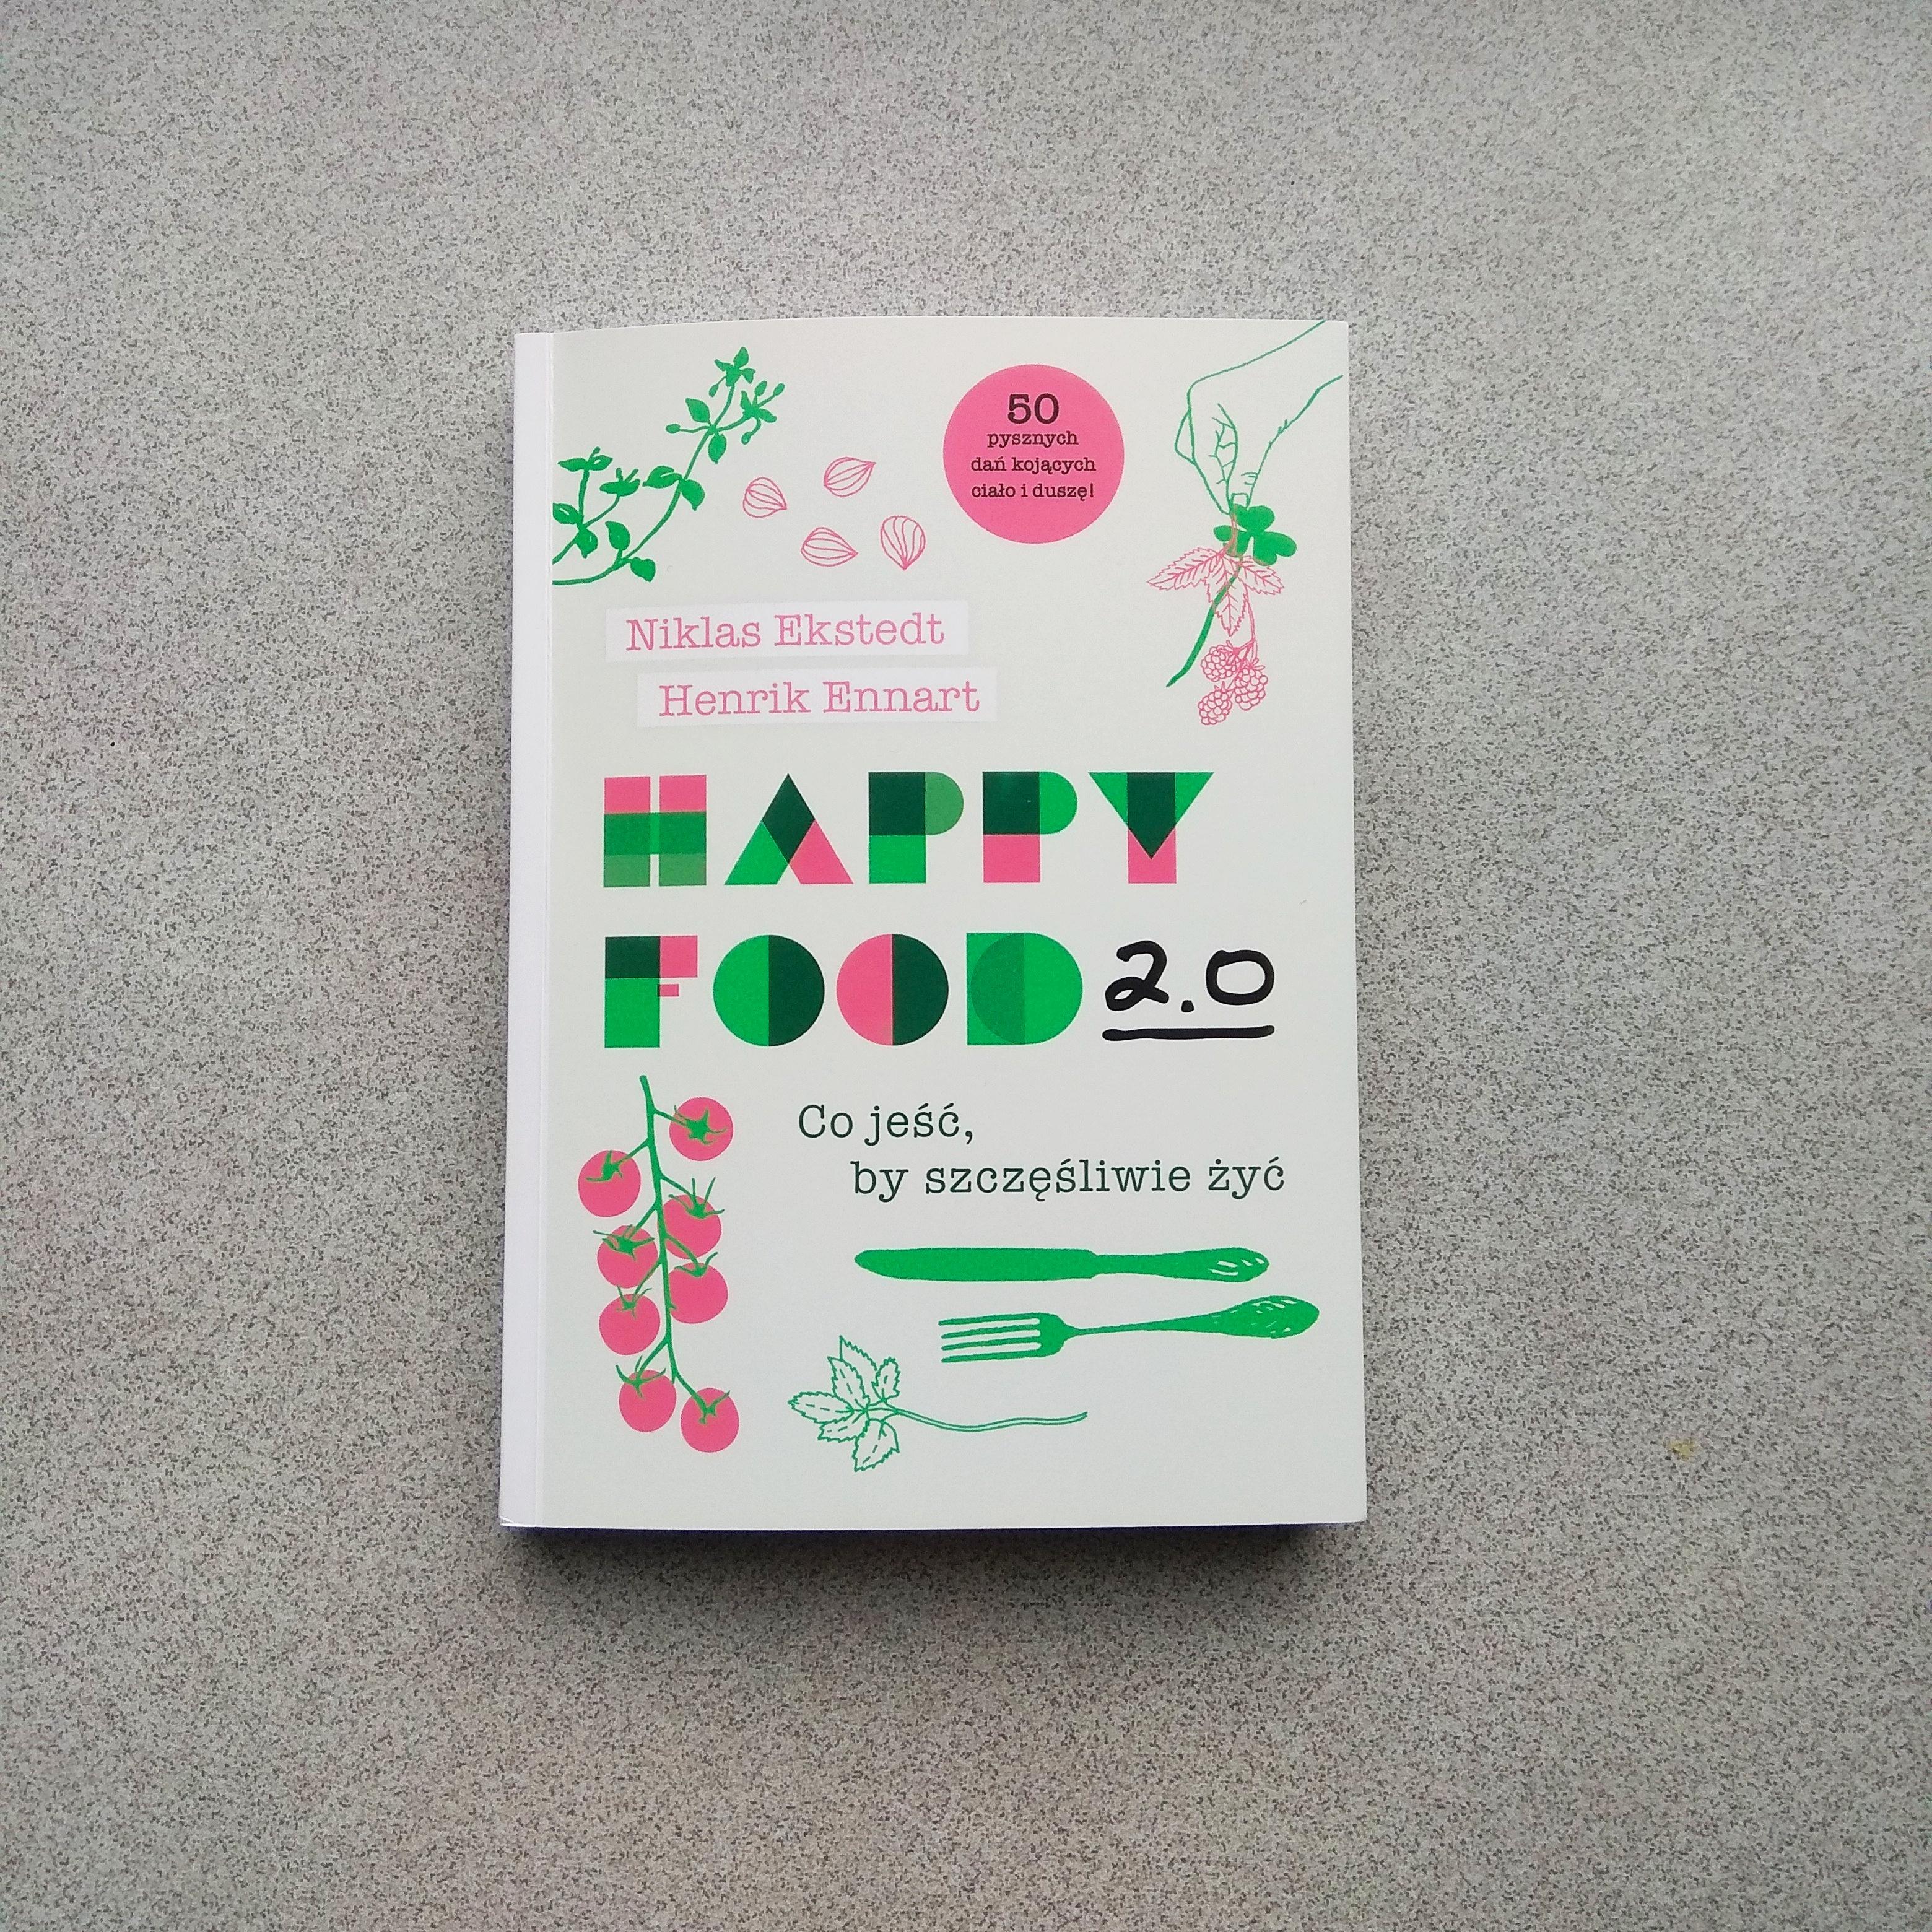 Niklas Ekstedt, Henrik Ennart, Happy Food 2.0: Co jeść by szczęśliwie żyć?, wyd. Burda Media